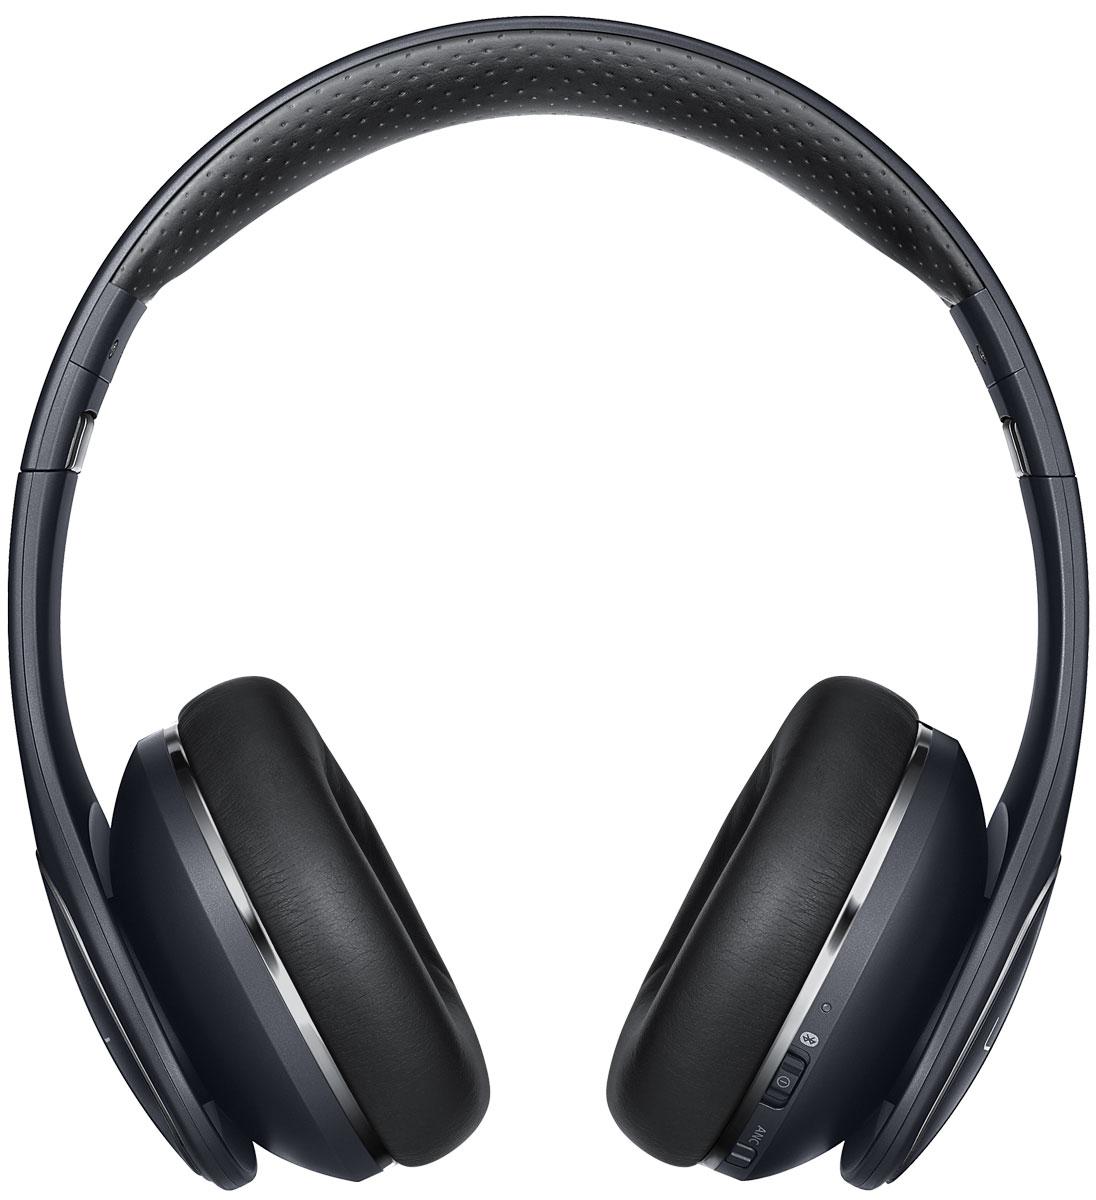 Samsung EO-PN920 Level On Pro, Black беспроводные наушникиEO-PN920CBEGRUНаслаждайтесь великолепным звуком ультравысокого качества c беспроводными наушниками Samsung Level On Pro, звуком, превосходящим даже качество Audio CD. Используя новый кодек UHQ-BT, эти наушники позволяют вам насладиться более богатым и сбалансированным звучанием вашей любимой музыки.Samsung Level On Pro не только обеспечивают звук студийного качества, но и оснащены функцией активного шумоподавления (Active Noise Cancelation, ANC). Четыре встроенных микрофона, по два на каждом наушнике, гарантируют точное распределение звука.С помощью сенсорной панели наушников вы можете управлять самыми различными функциями, не пользуясь при этом кнопками управления подключенного к Samsung Level On Pro устройства: регулировать громкость звука, управлять воспроизведением музыки, принимать и отклонять вызовы.Есть необходимость услышать, что происходит вокруг вас? Воспользуйтесь режимом Talk-in для получения звука от одного из внешних микрофонов, которыми оснащены ваши наушники.Samsung Level On Pro также позволяют делиться вашими любимыми композициями с друзьями благодаря уникальной функции Sound With Me.